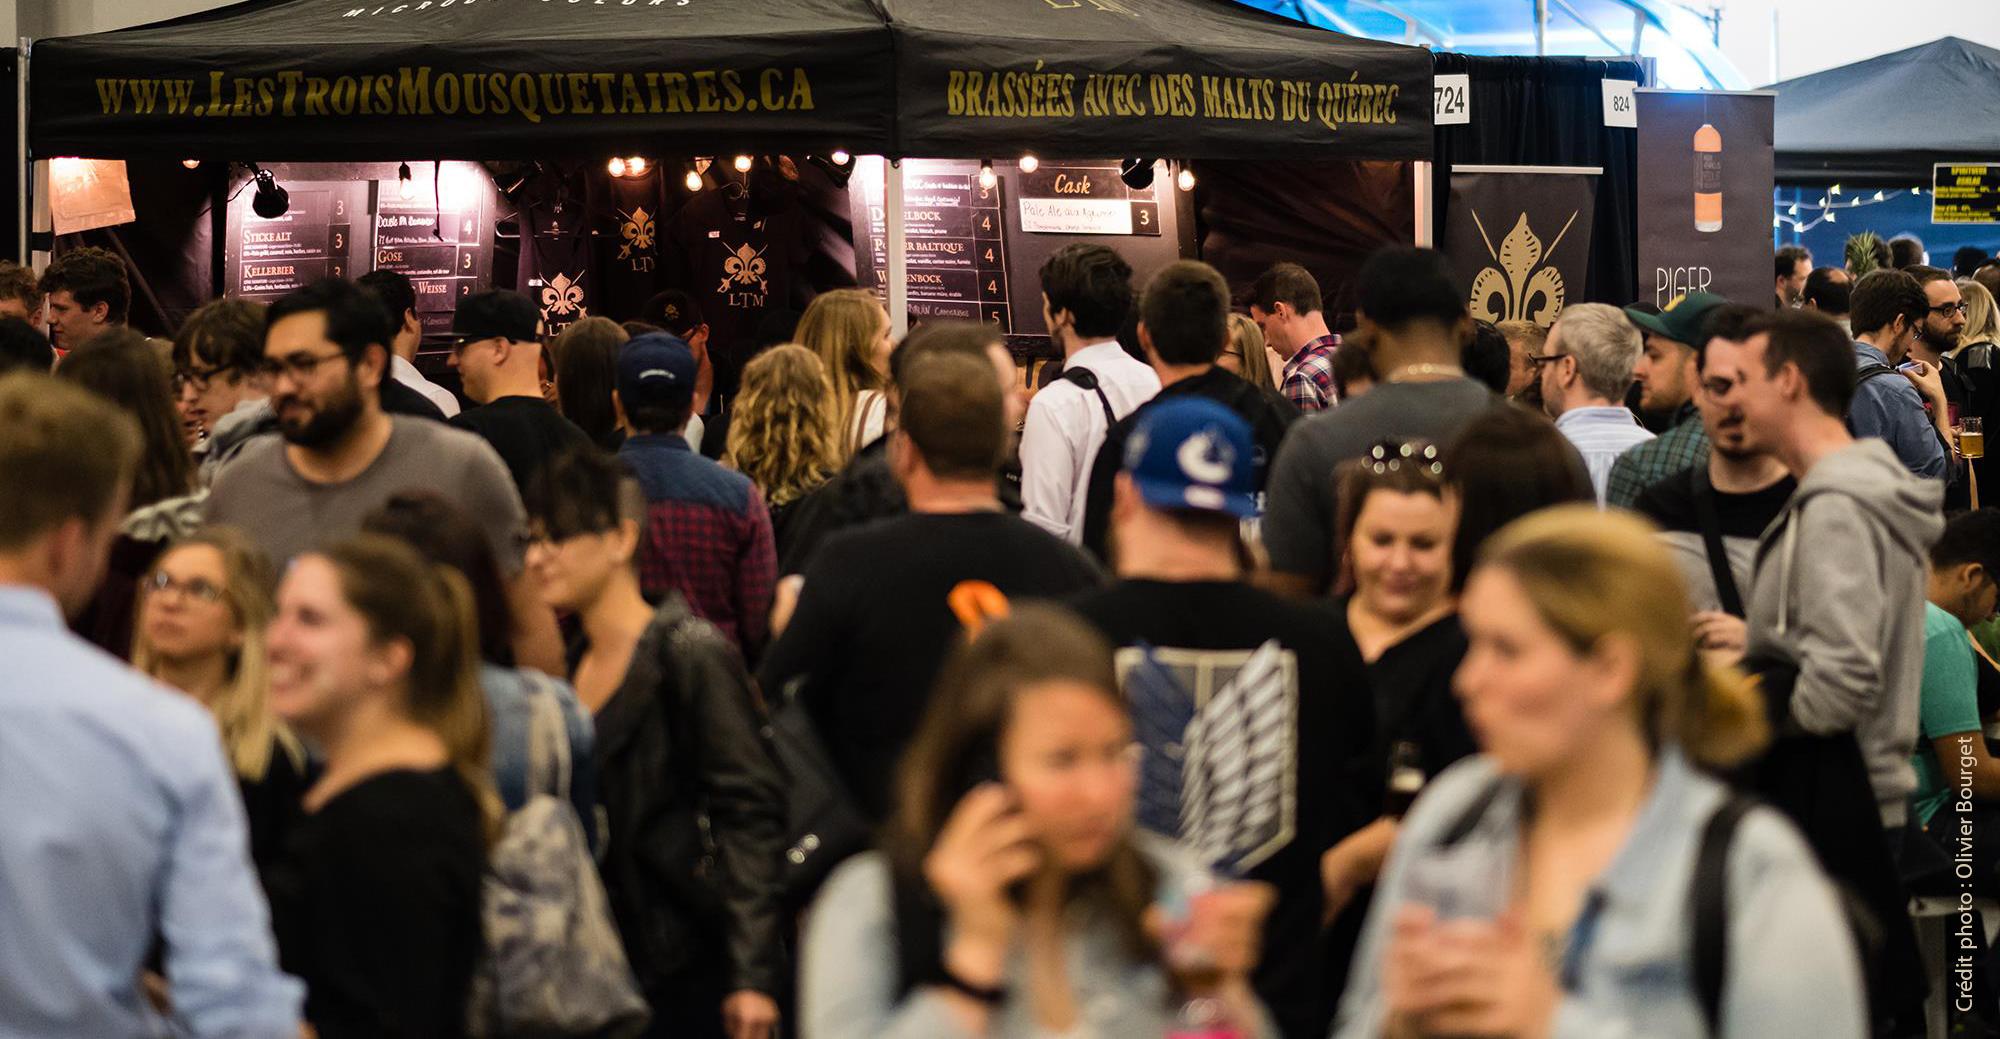 La saison des festivals de bières est ouverte!